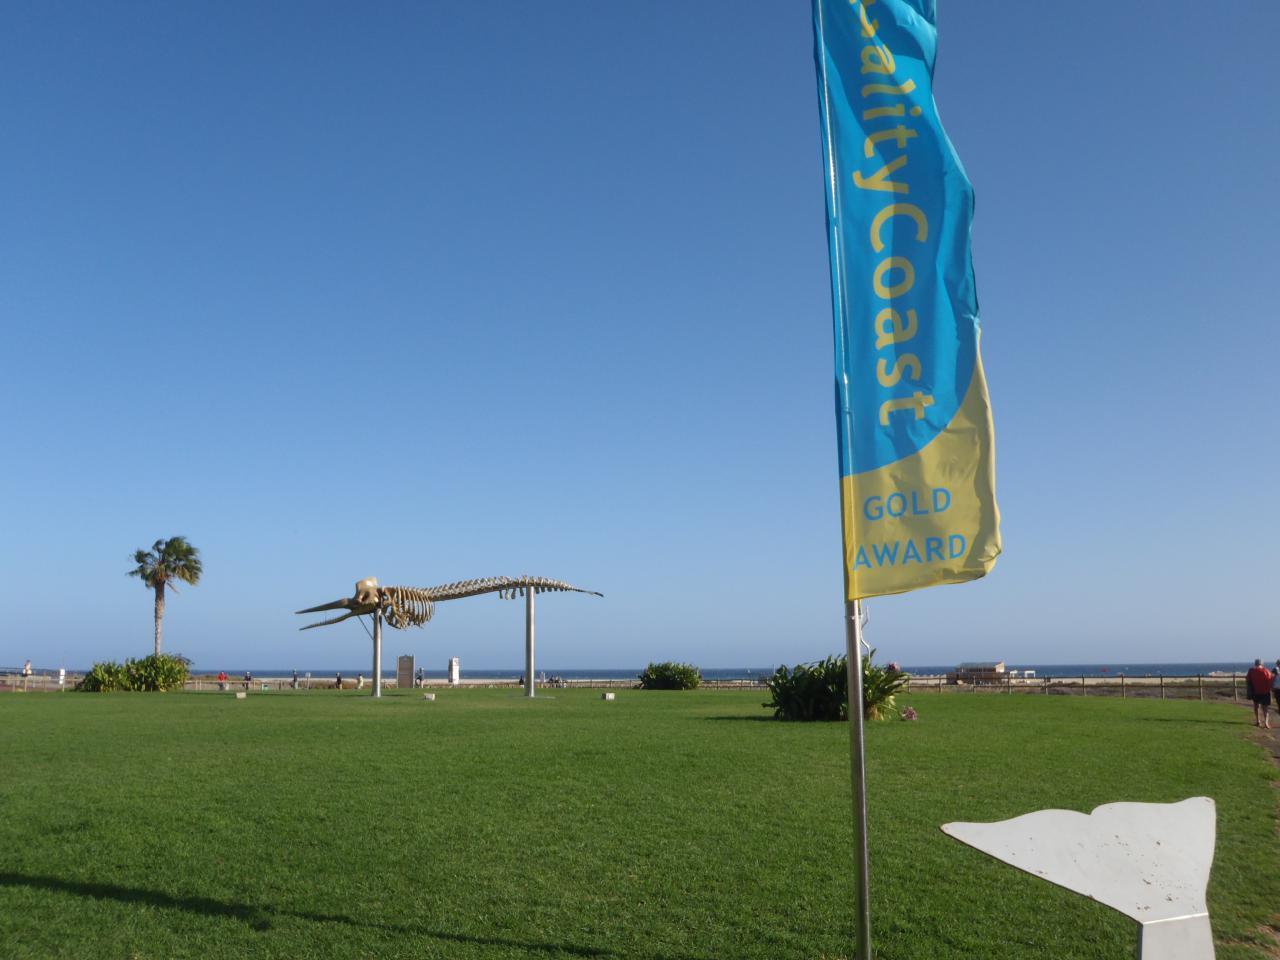 Ferienwohnung Sonnenterrassen Morro Jable (1685410), Morro Jable, Fuerteventura, Kanarische Inseln, Spanien, Bild 21